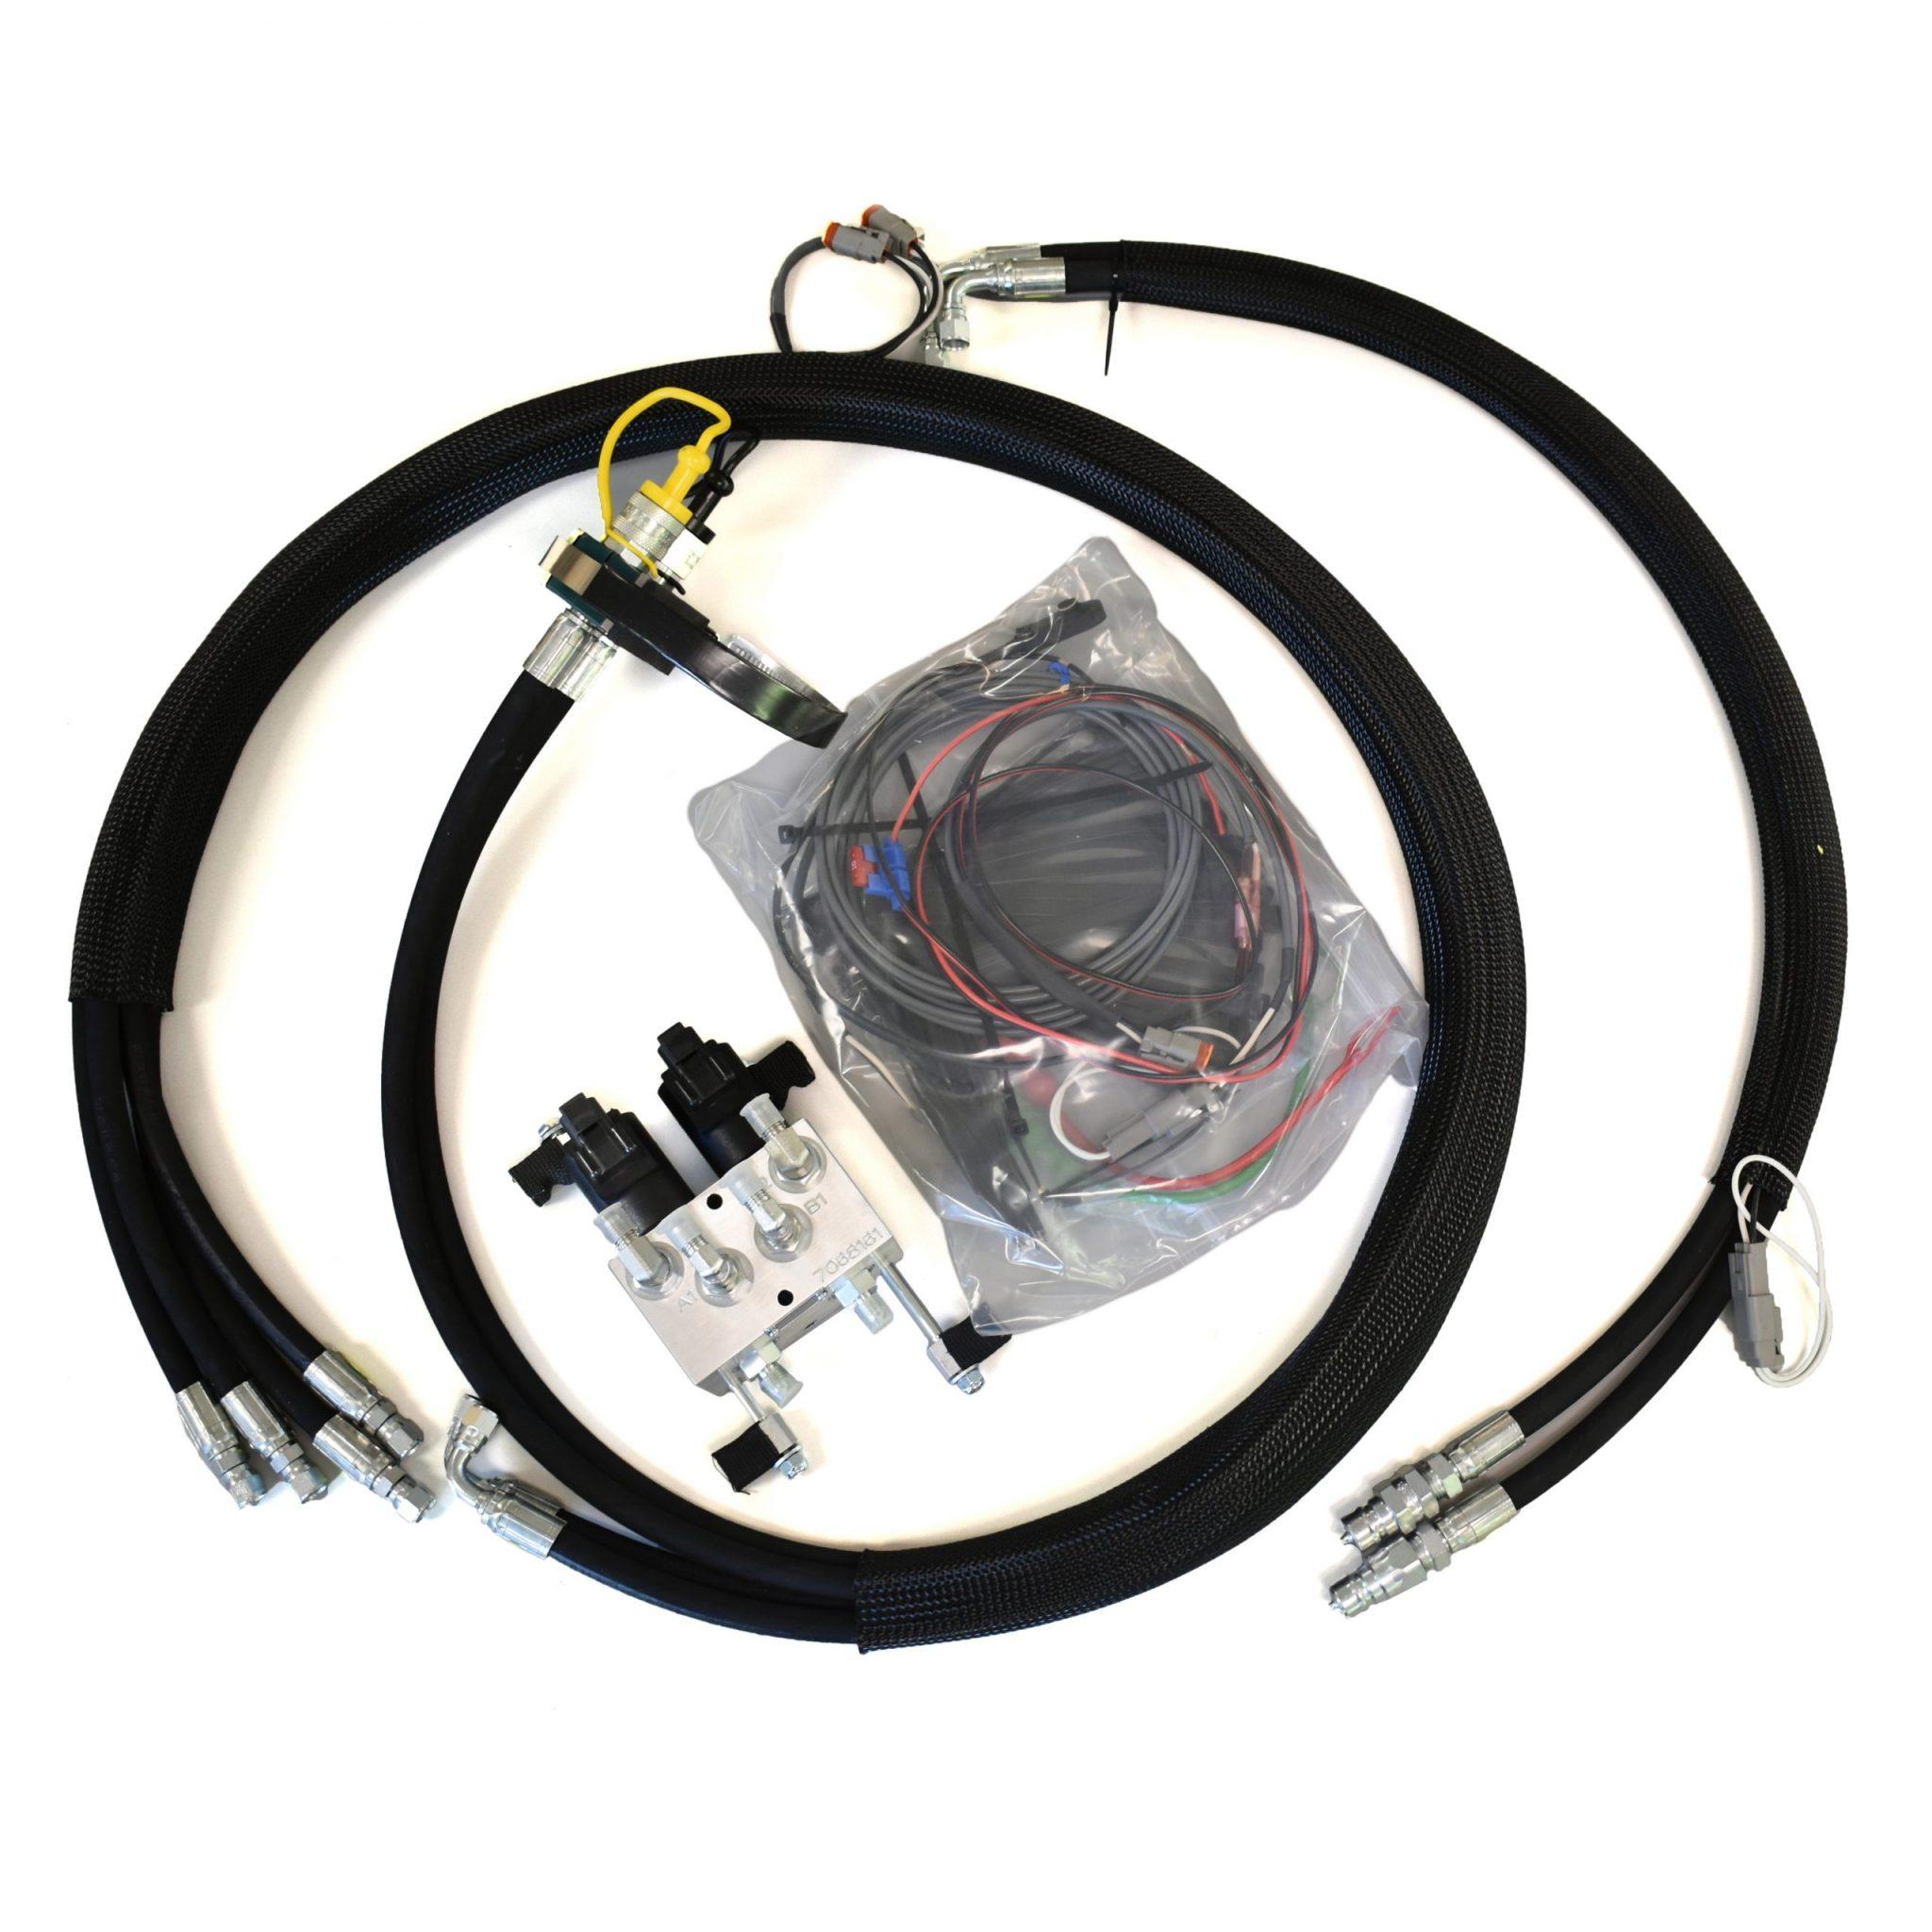 John Deere 300 Diverter Kit - Artillian | John Deere 4200 Wiring Harness |  | Artillian